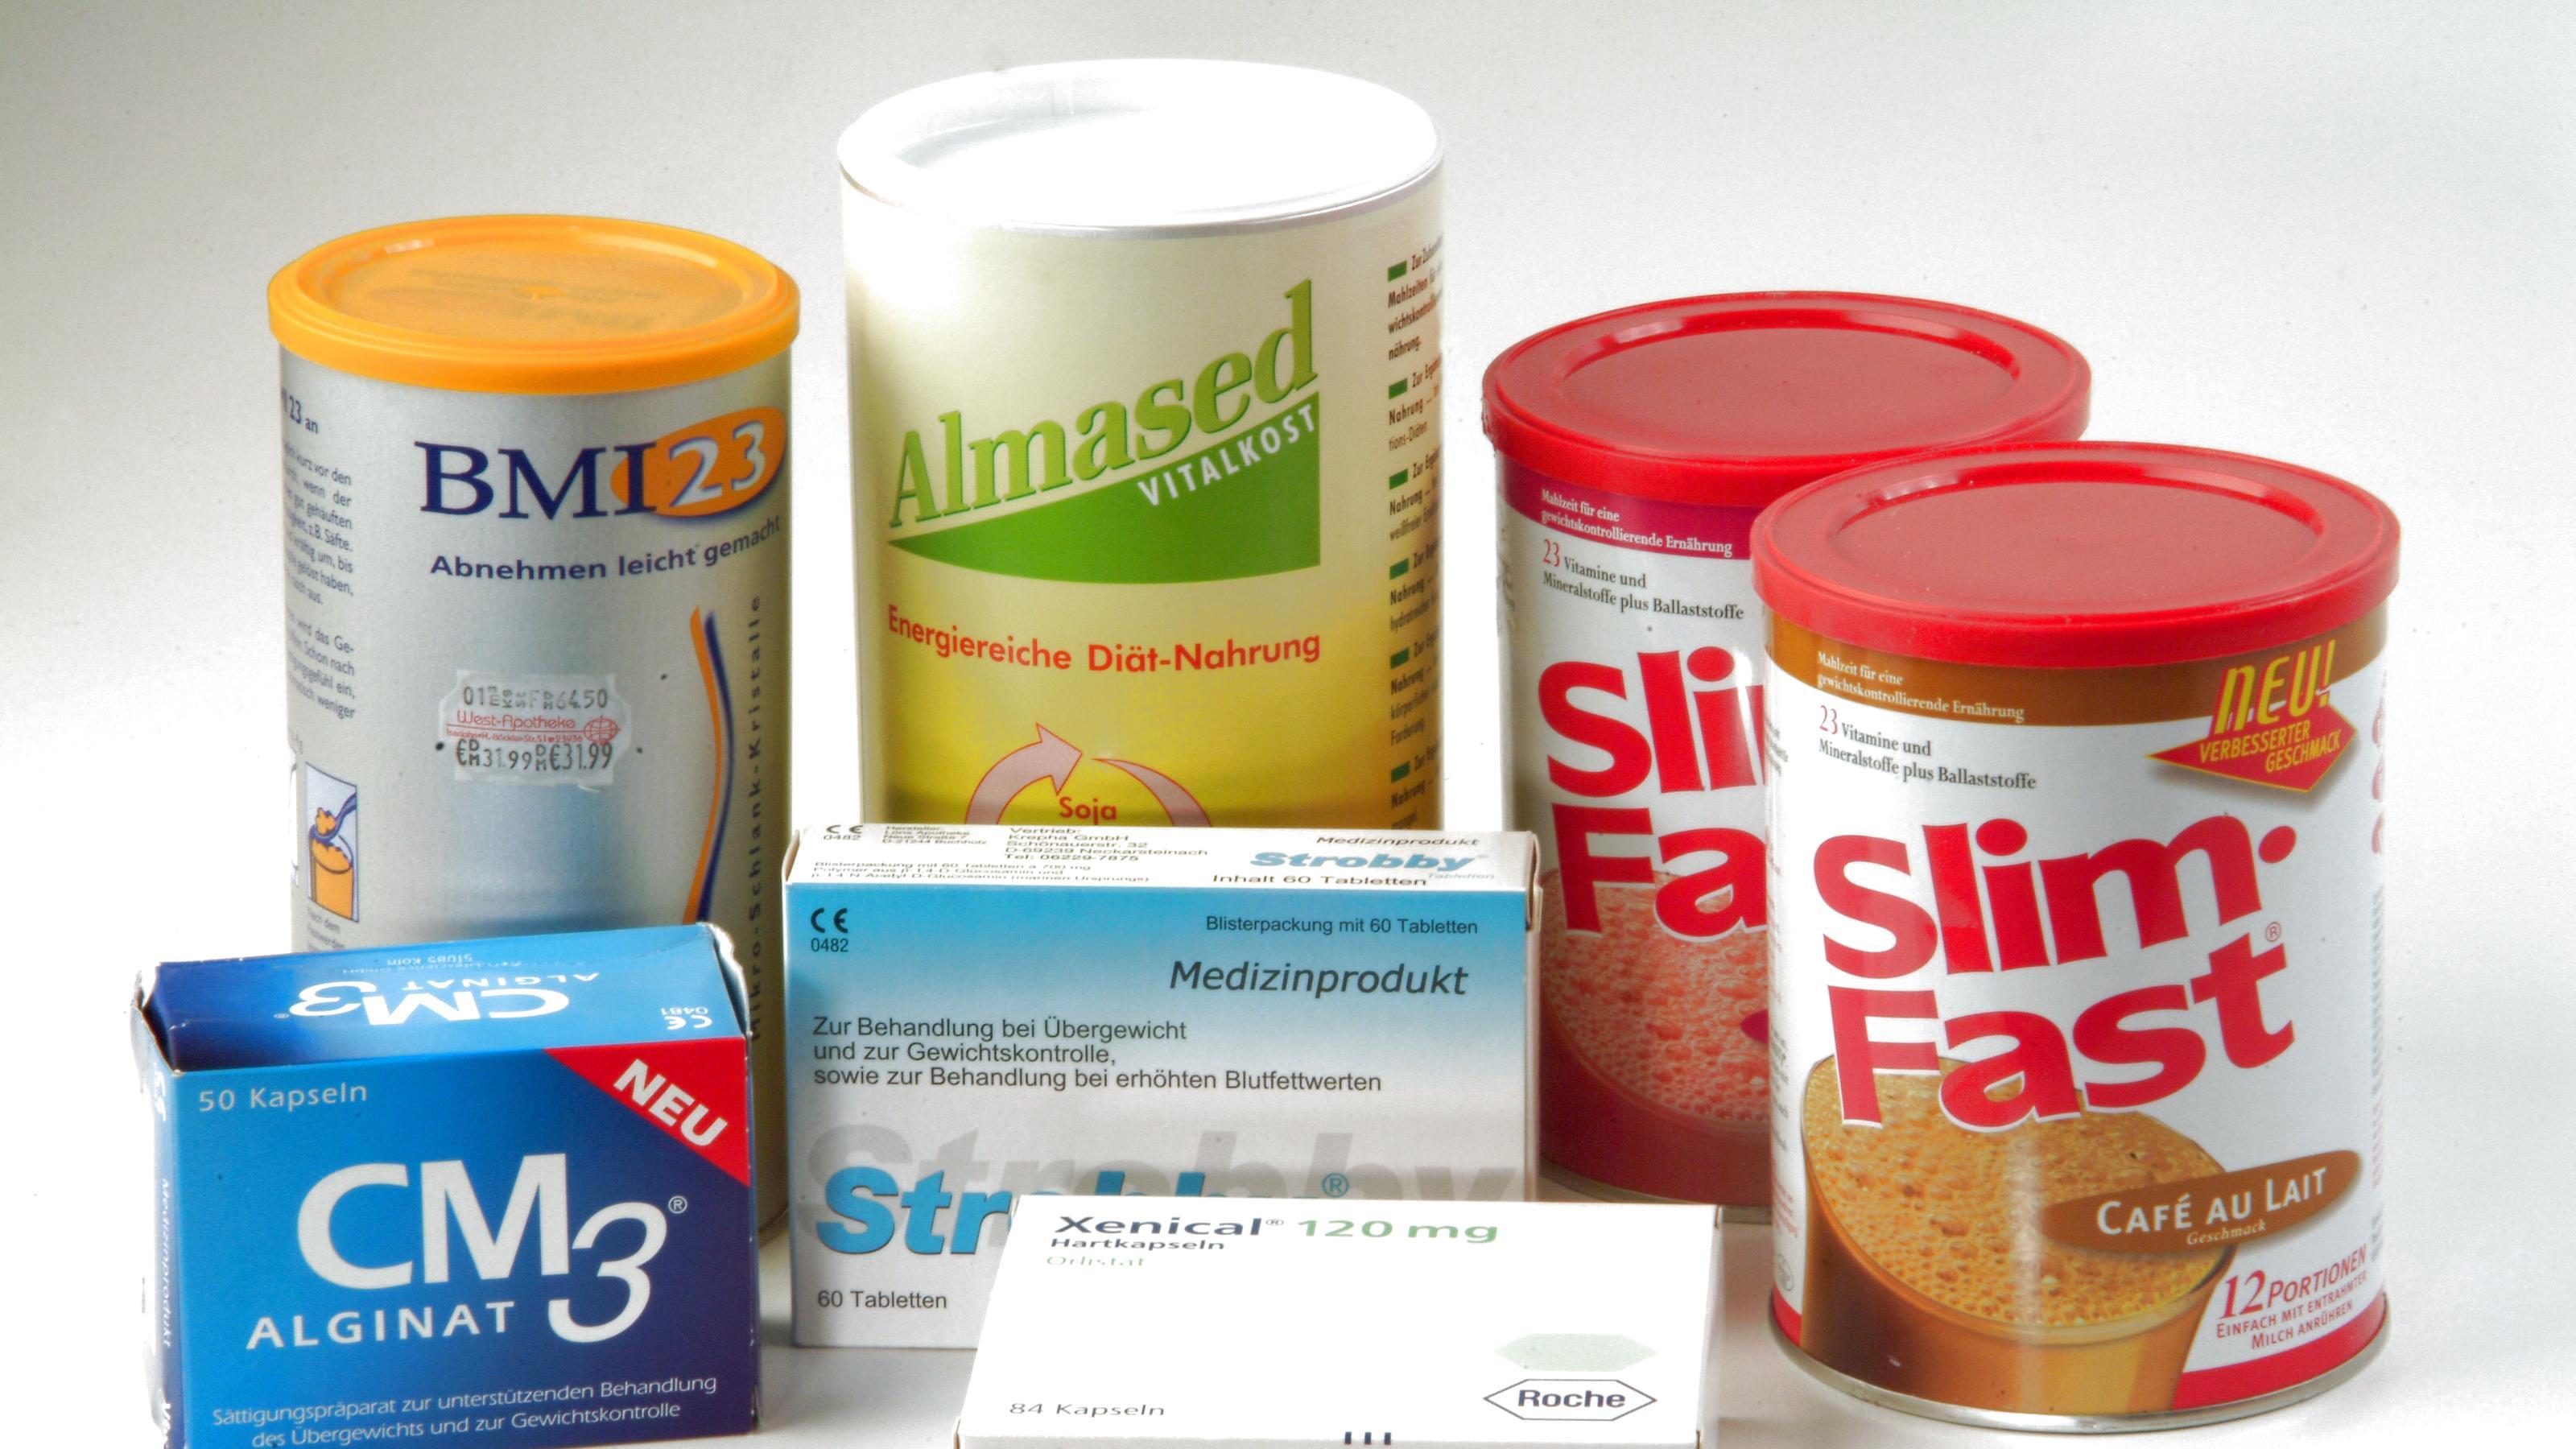 Medikamente und Mittel zur Gewichtsreduktion. Aufnahme vom 7.11.2002. Eine grosse Anzahl Medikamente für die Behandlung aller häufigen Erkrankungen gibt es in grosser Zahl auf dem deutschen Markt. Für Ärzte und Pharmakologen sind alle Medikamente in